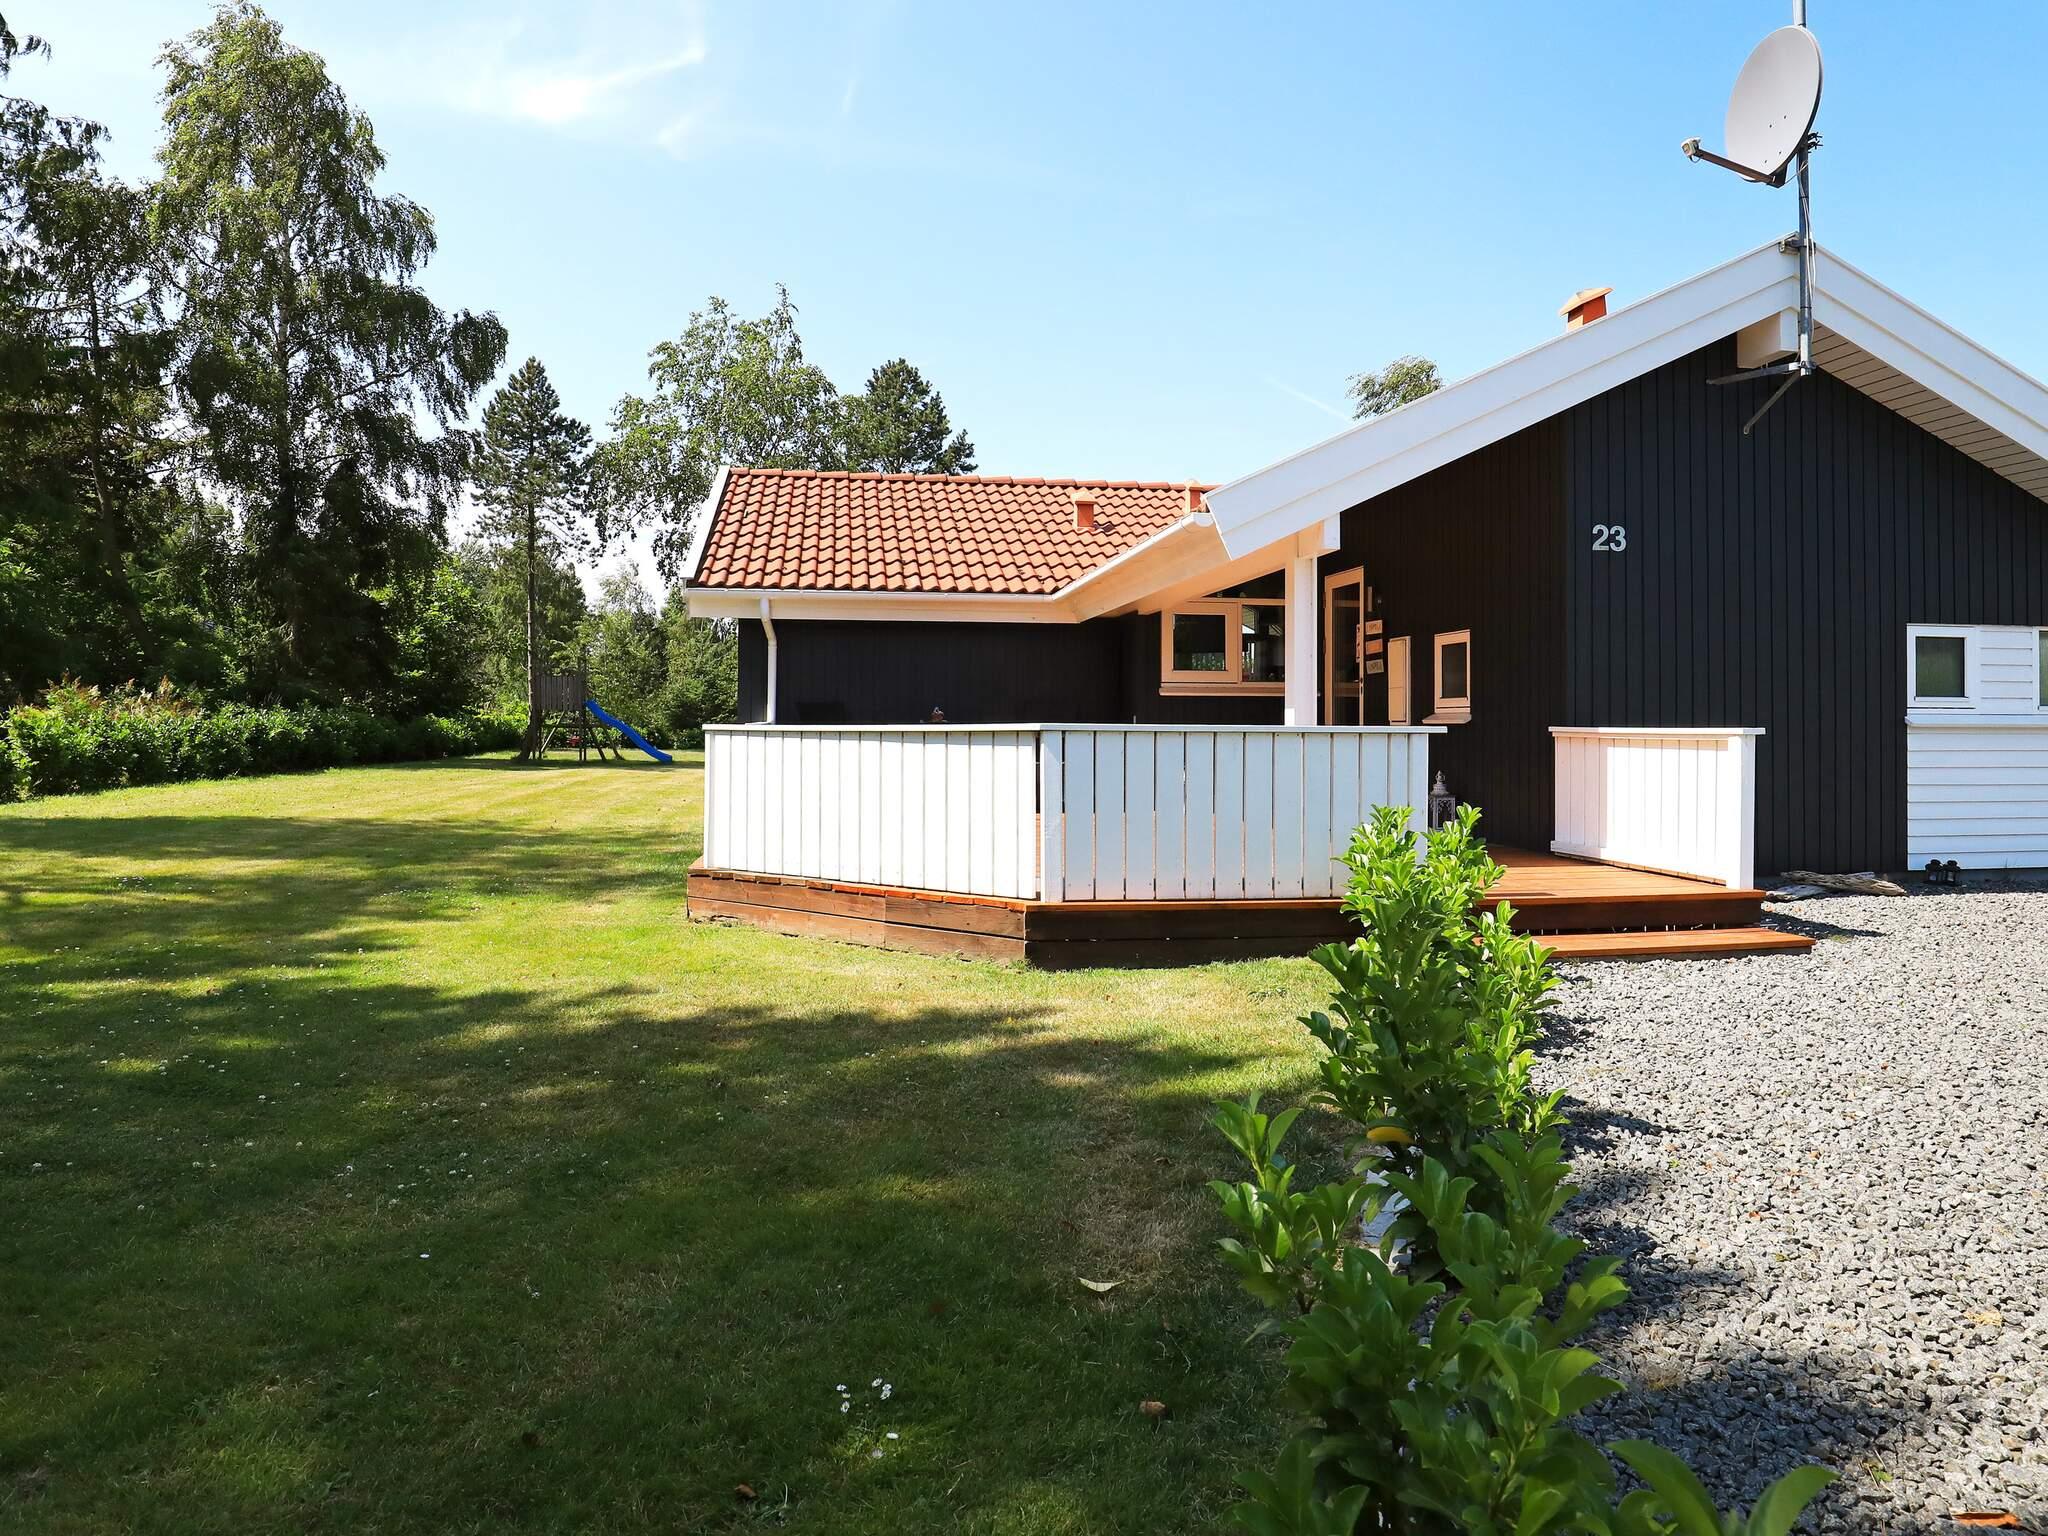 Ferienhaus Marielyst (86053), Marielyst, , Falster, Dänemark, Bild 19